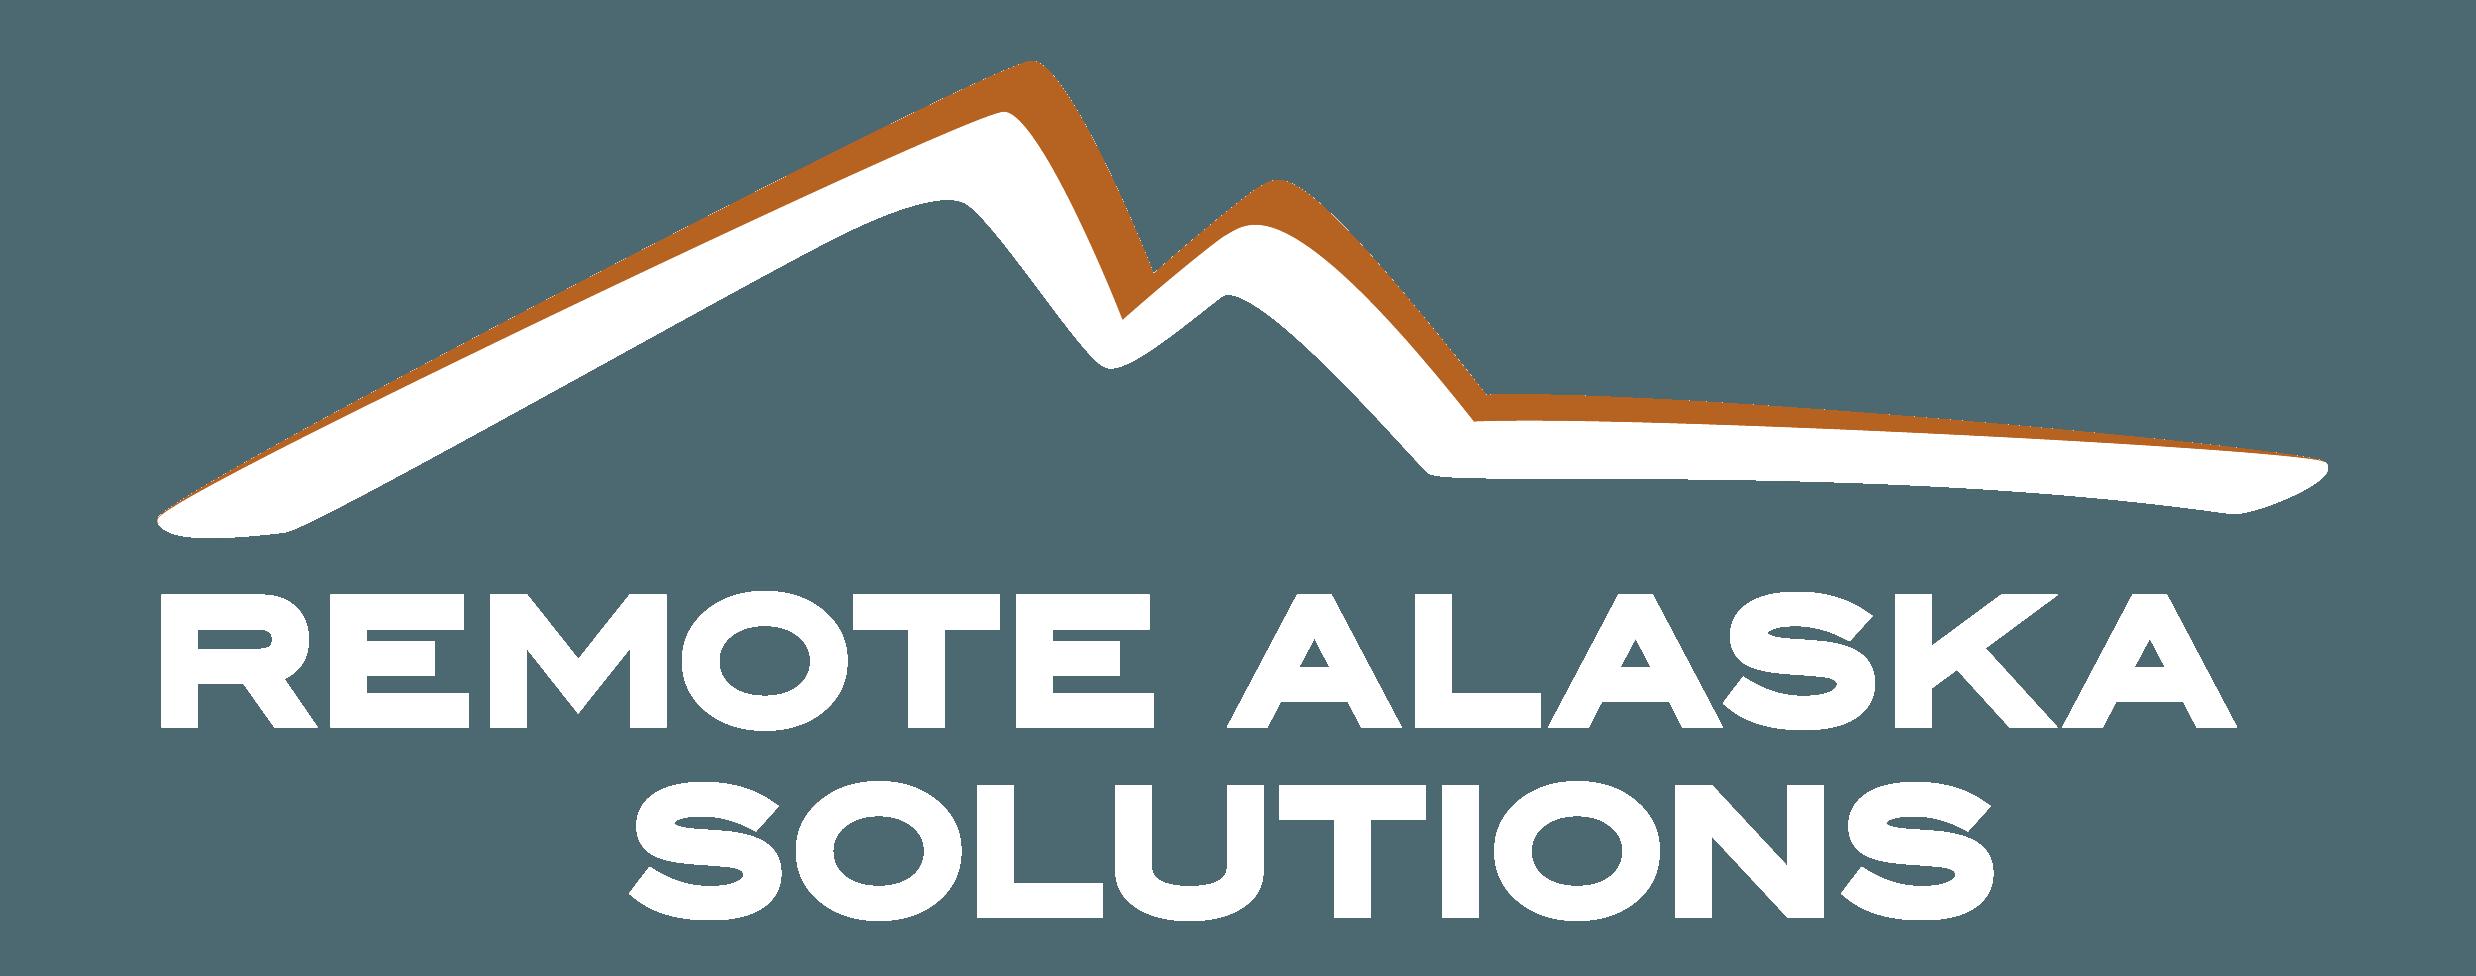 Remote Alaska Solutions Logo